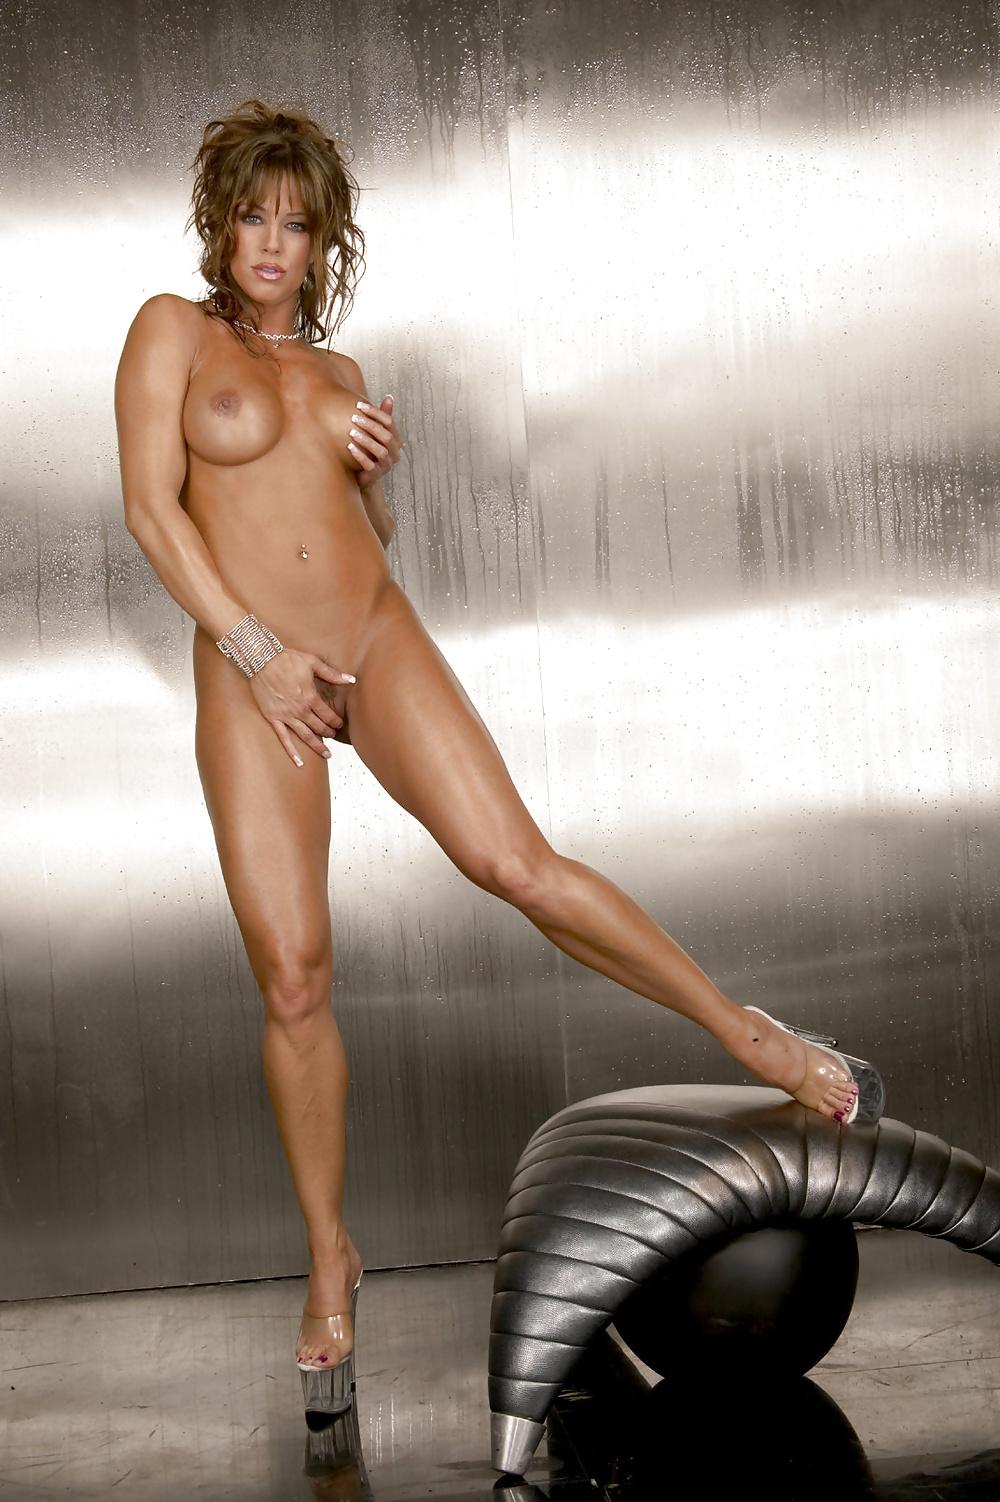 Celeb Darrian Nude Picture Racquel Jpg